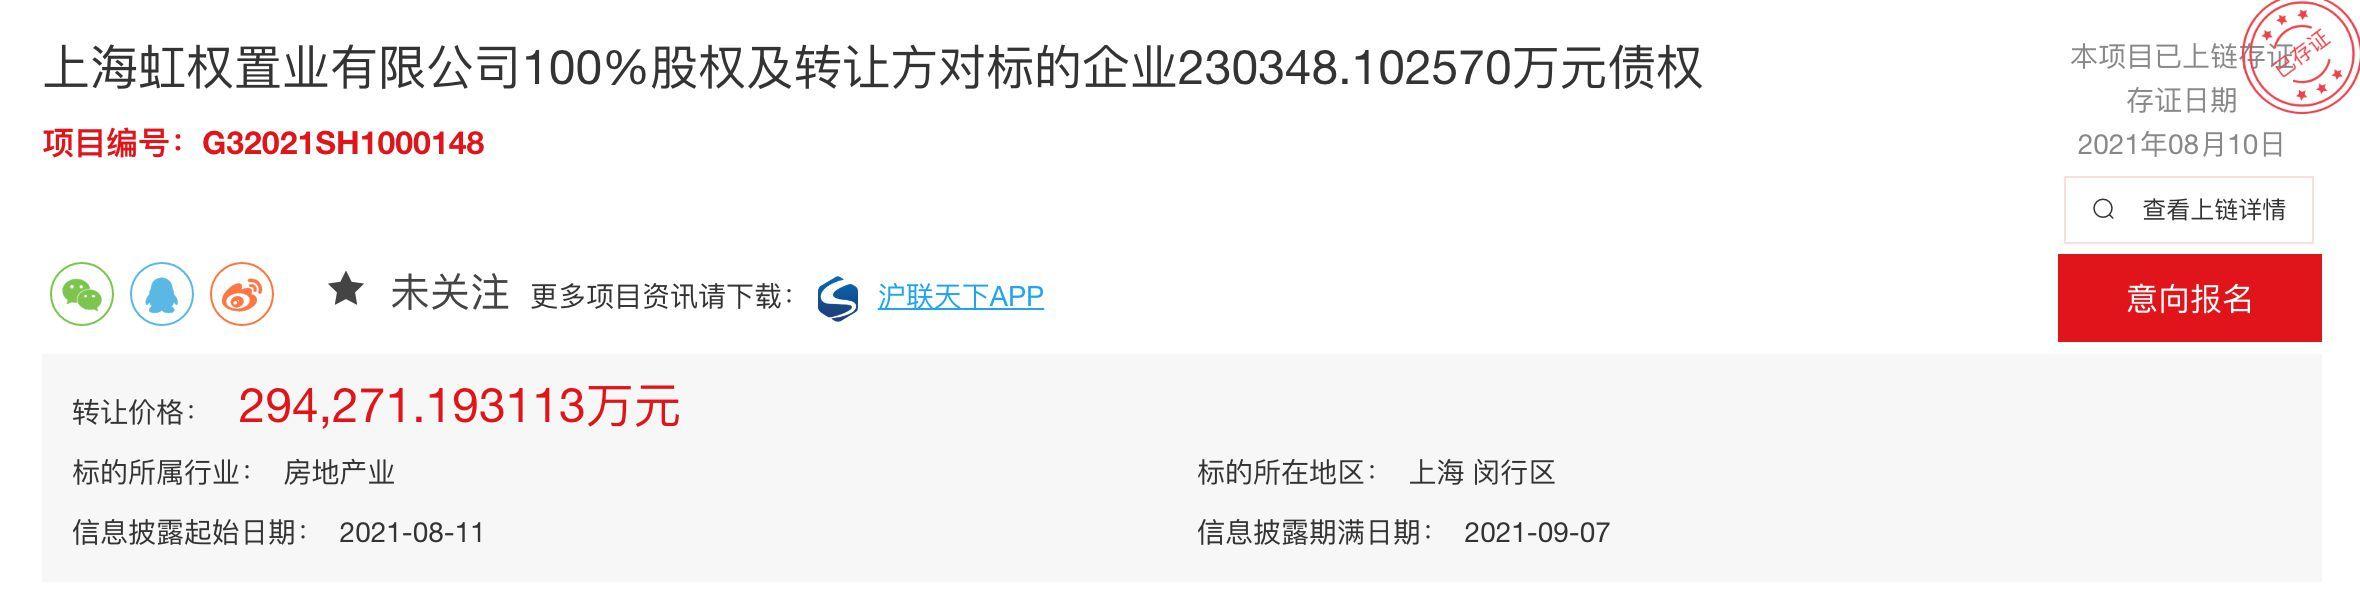 上海地产挂牌转让虹权置业股权及债权 底价29.43亿元